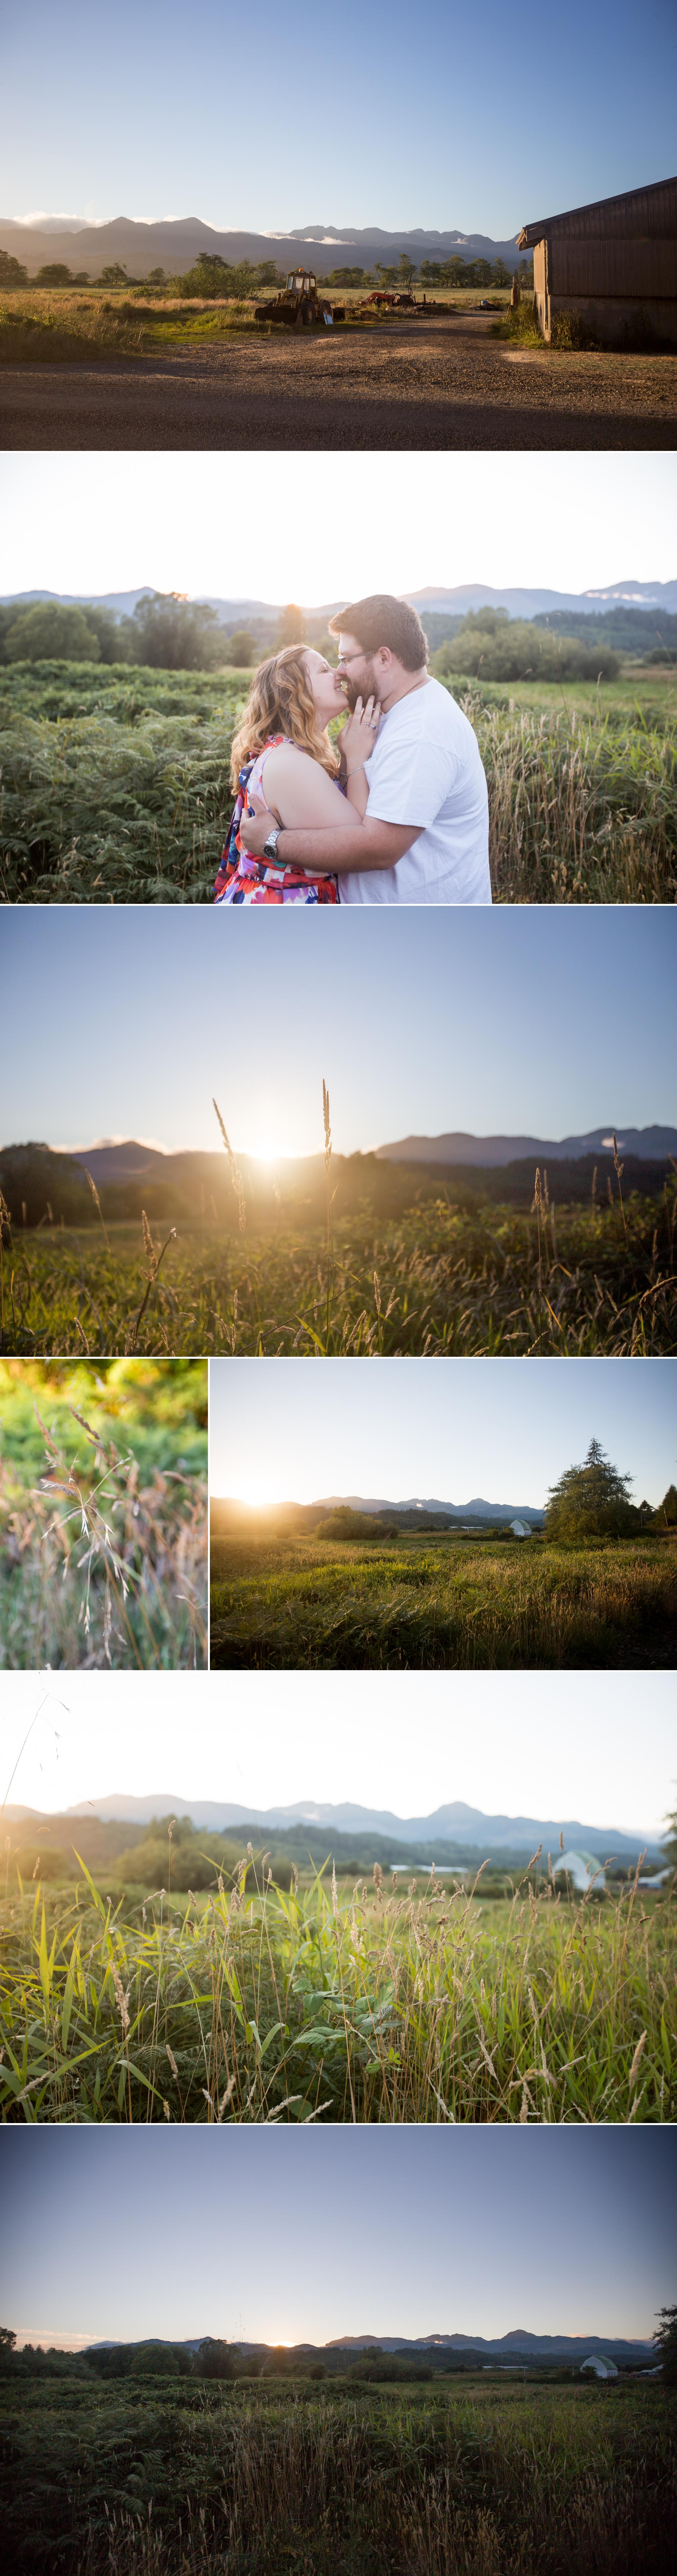 Oregon Coast | Seaside Oregon, Cannon Beach, Oswald West State Park | Portland Oregon Vacation | Shaina Lee Photography | CT, NYC + Destination Wedding + Engagement Photographer